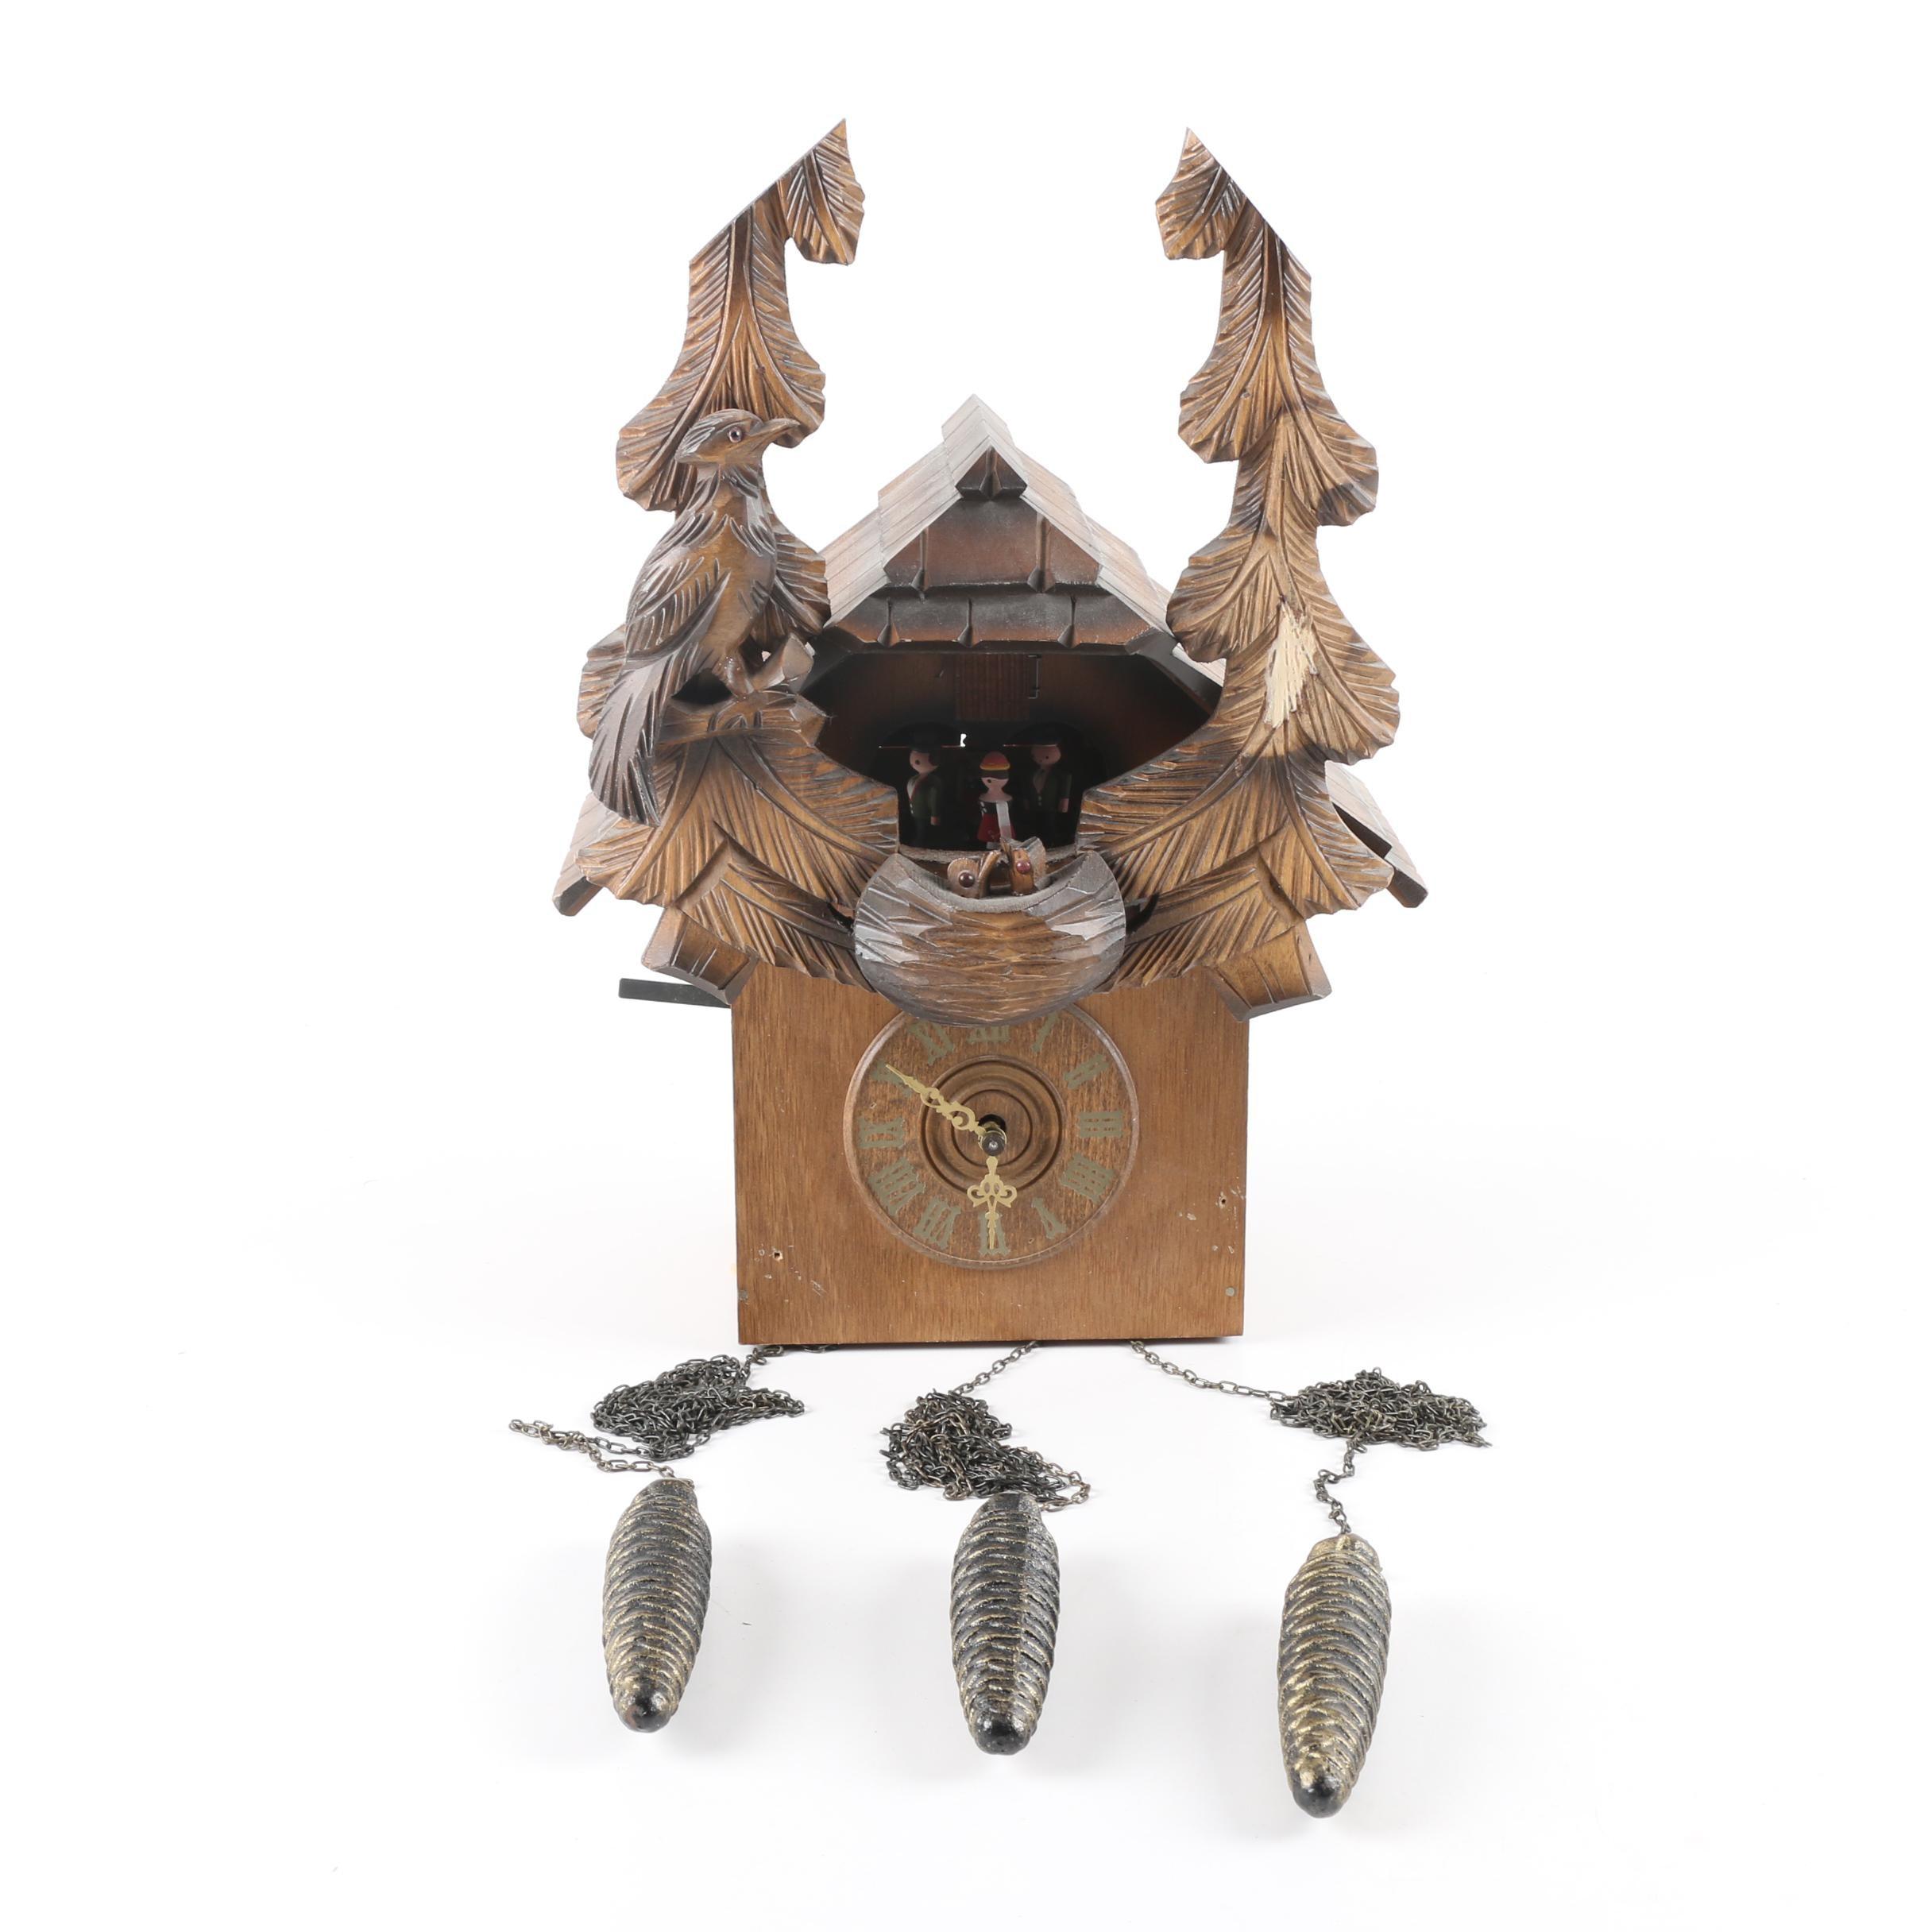 Schlagabschaltung German Cuckoo Clock